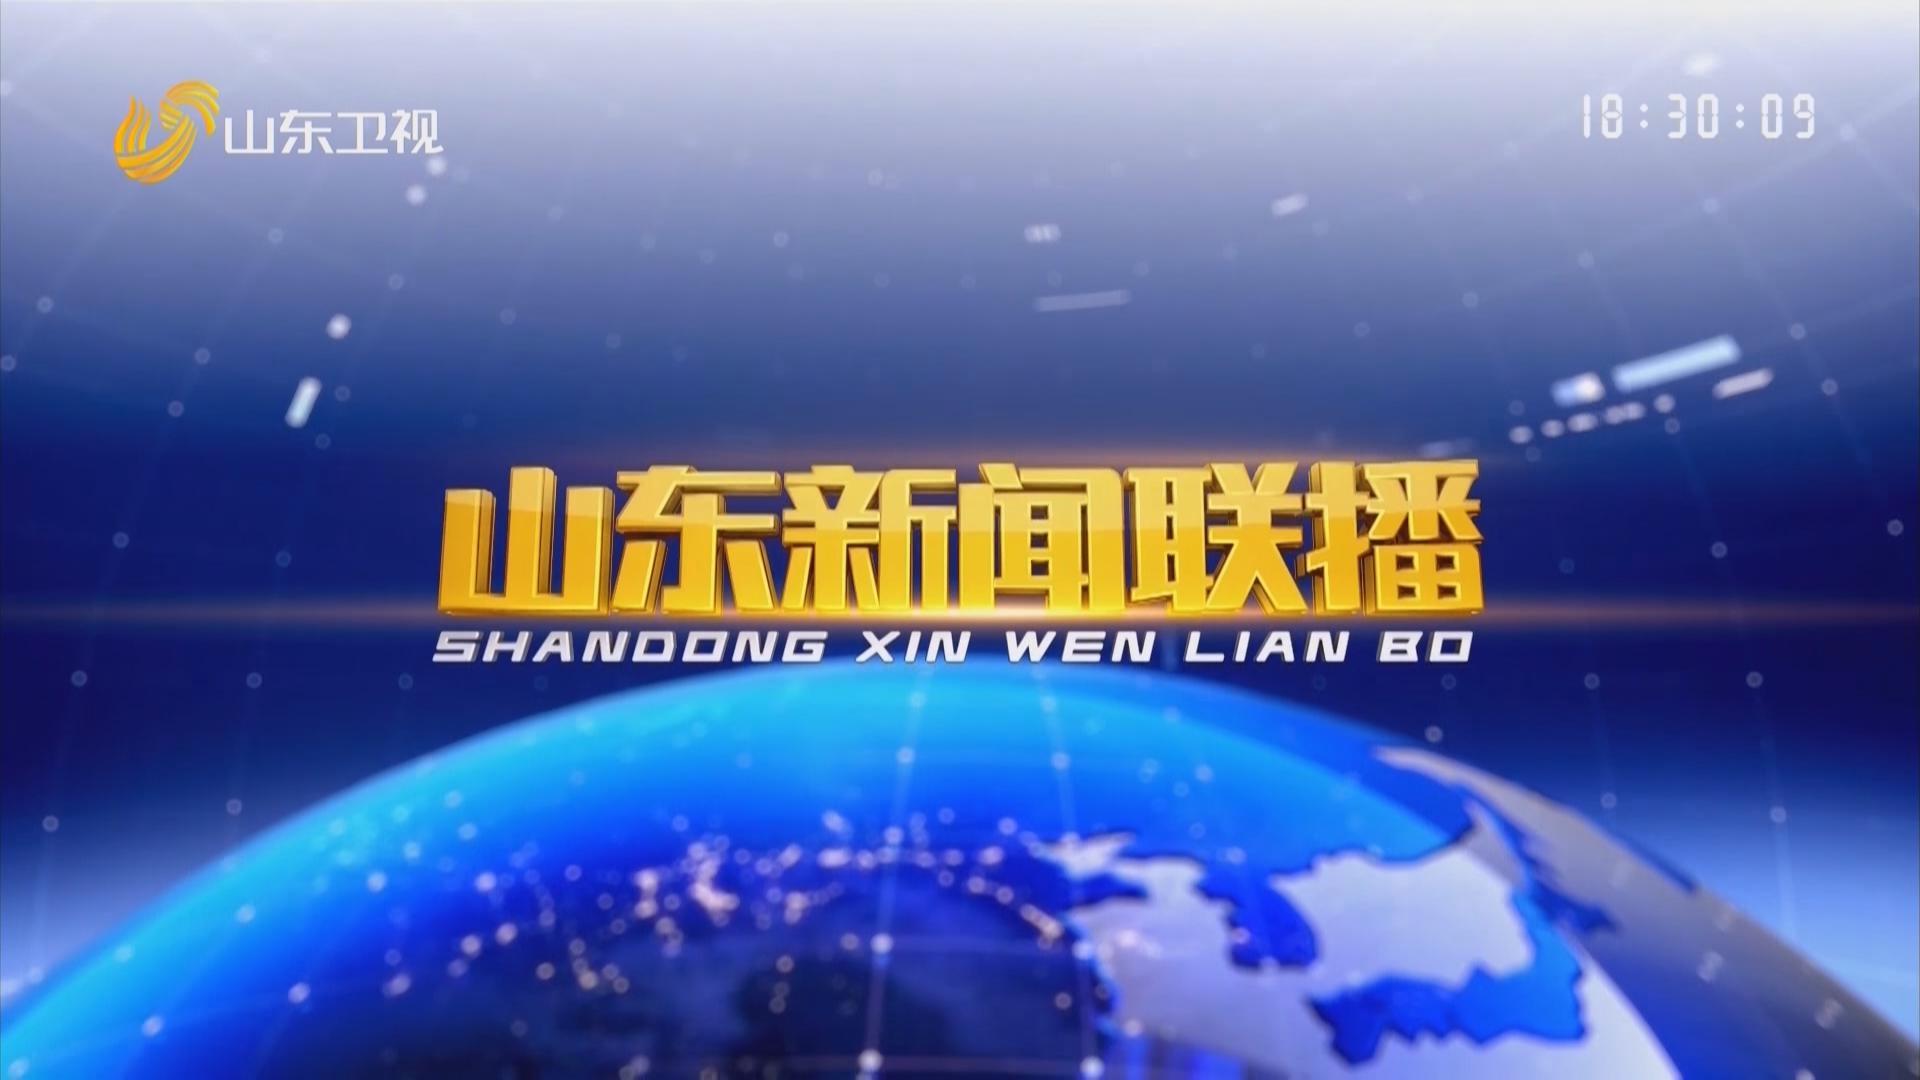 2021年03月17日(ri)山東新聞聯播完整版(ban)